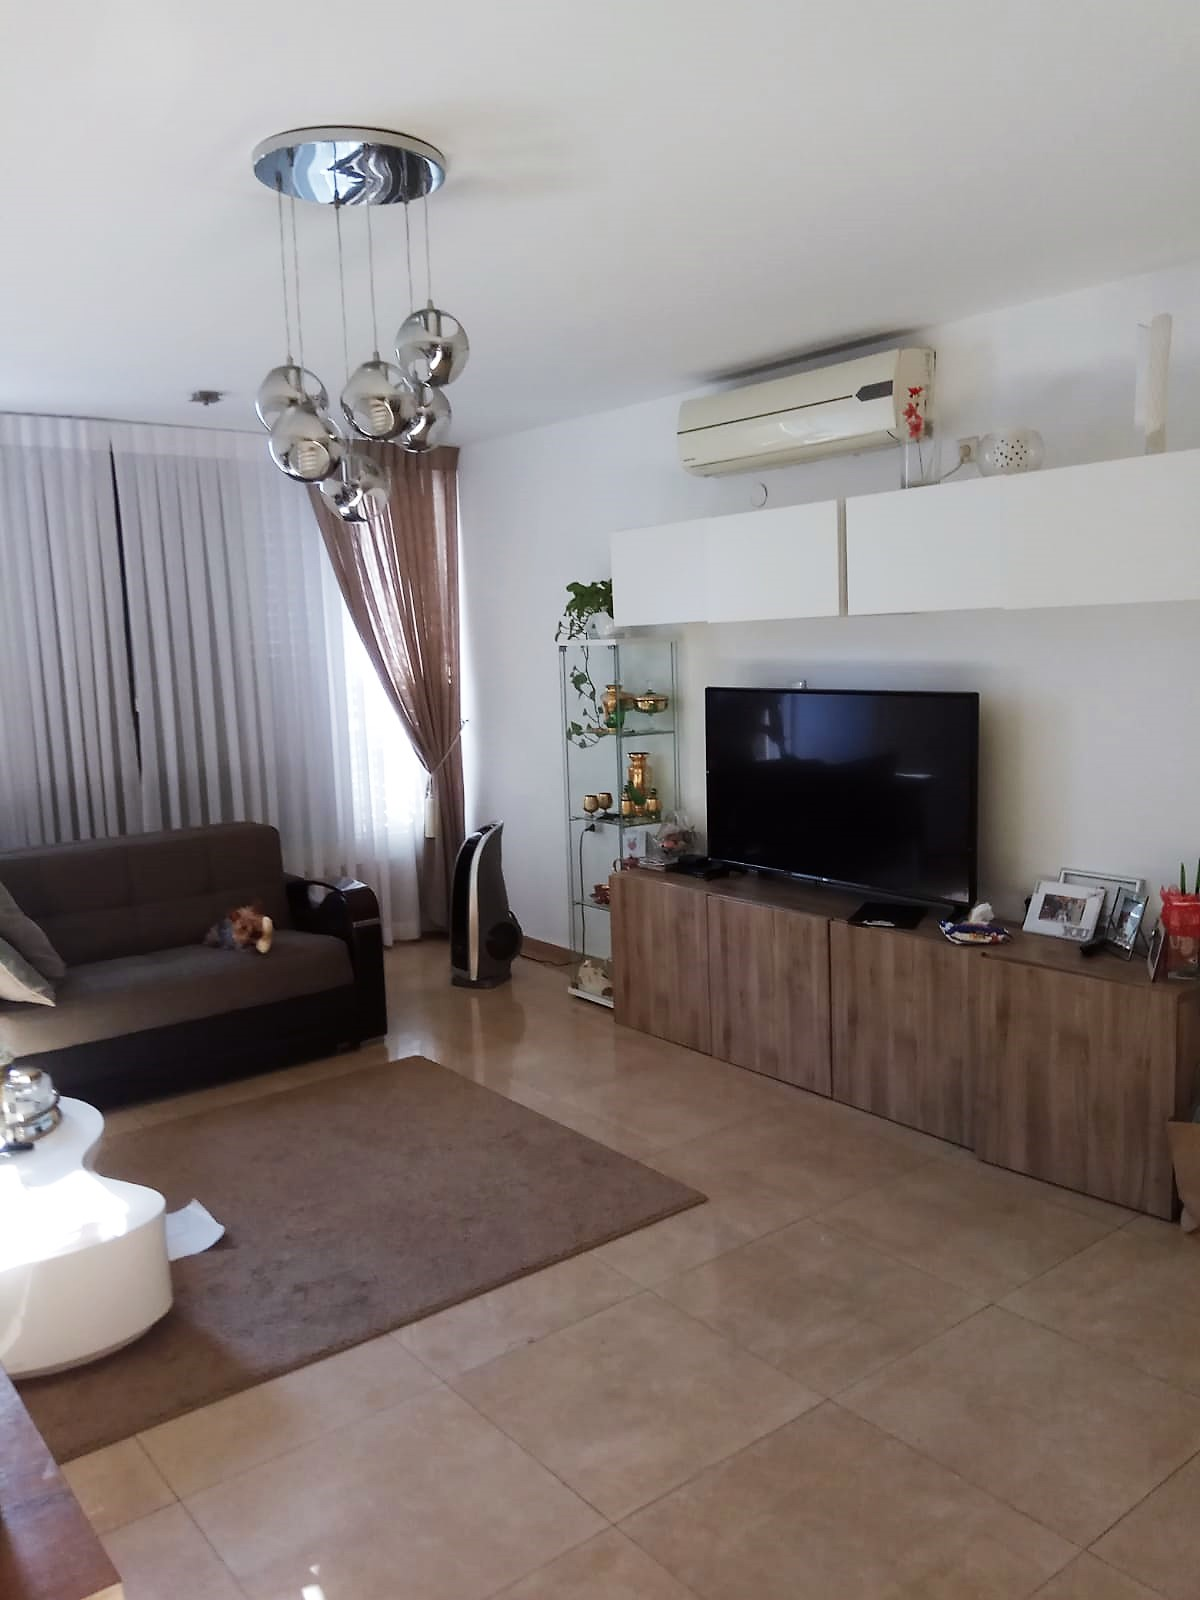 דירה למכירה 4 חדרים 1,500,000₪, בת ים